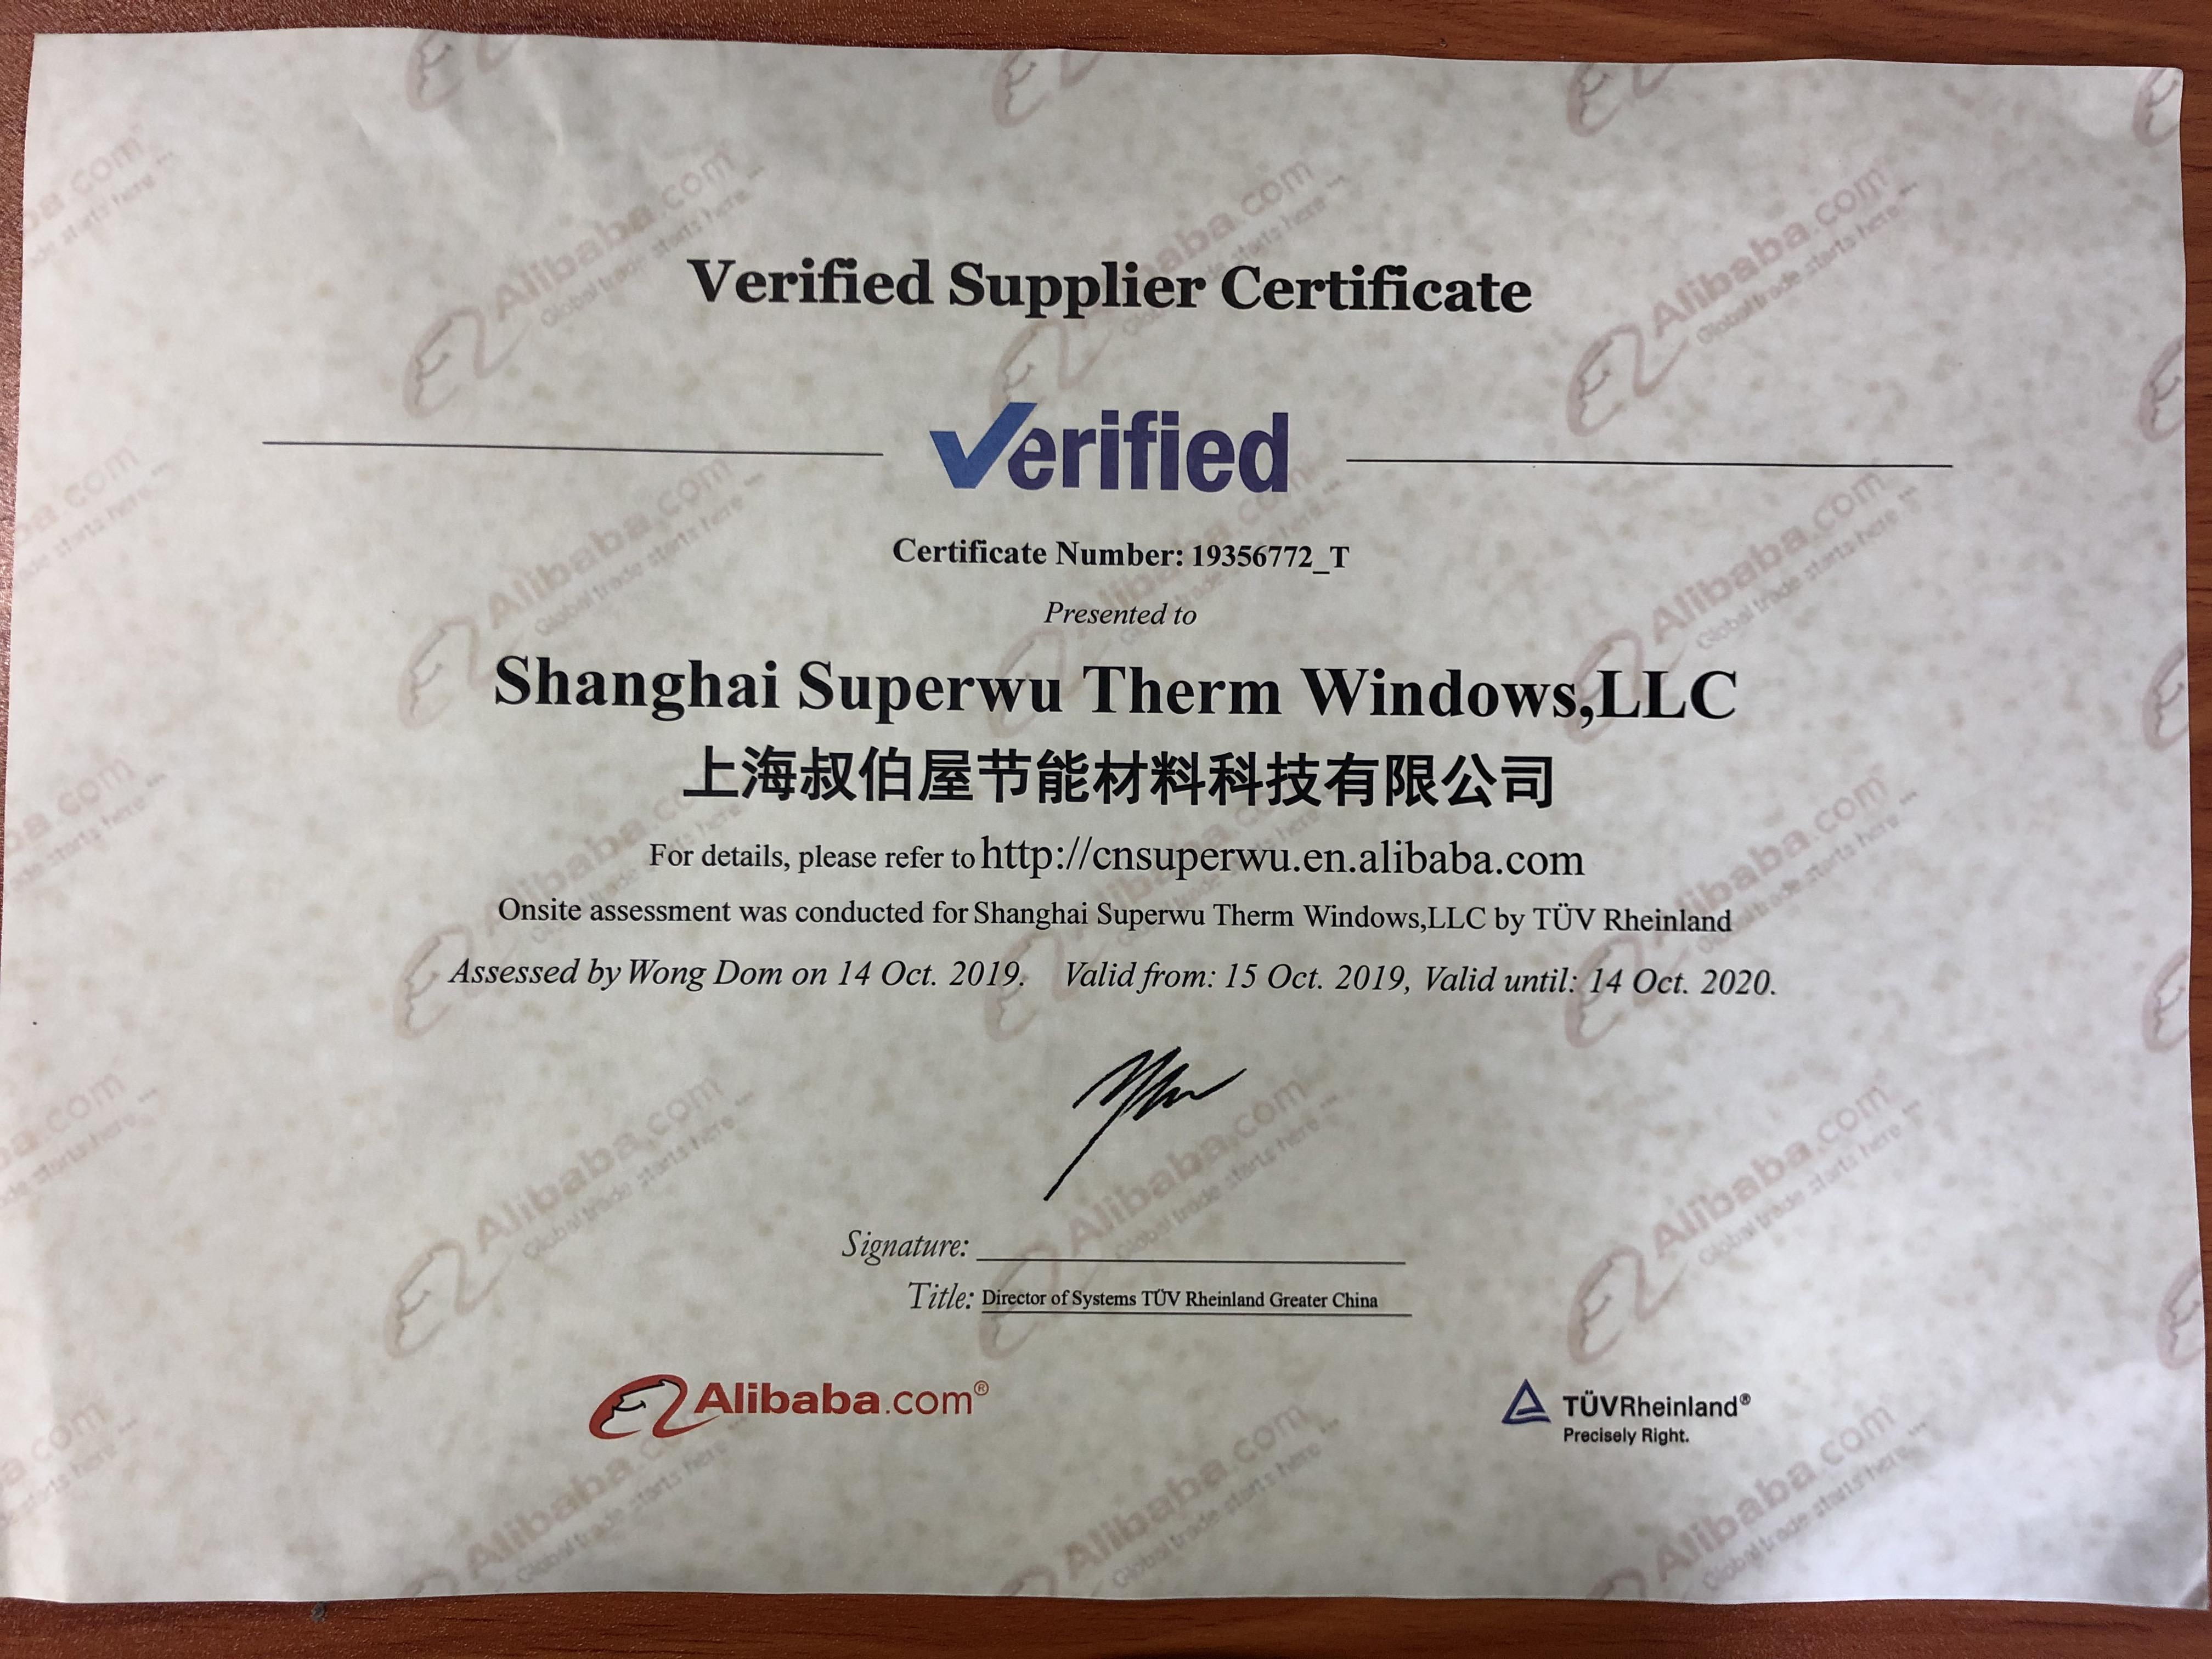 Shanghai Superwu Therm Windows,LLC